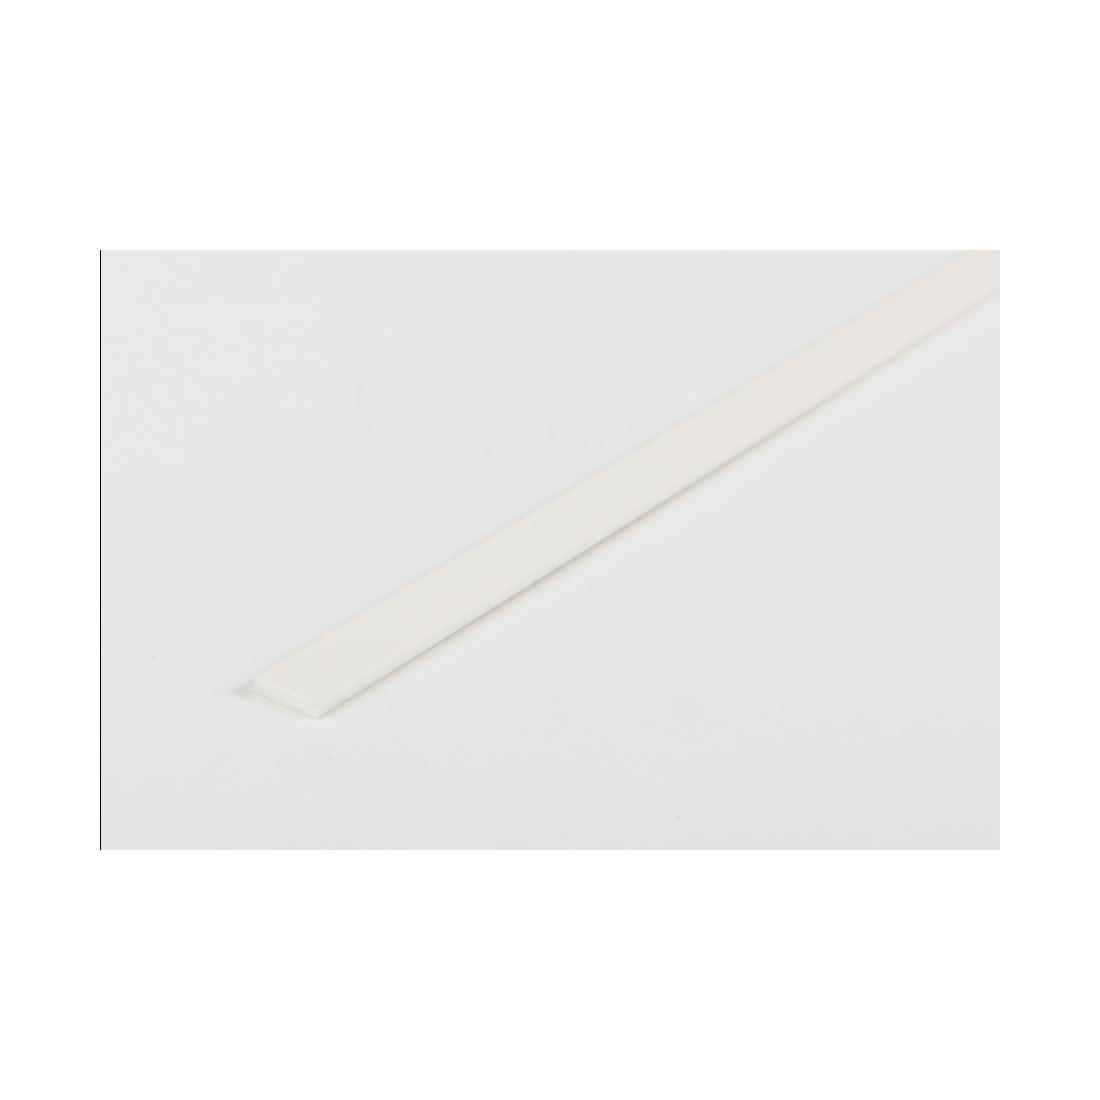 Perfil rectangular ASA mm.1,5x7x1000